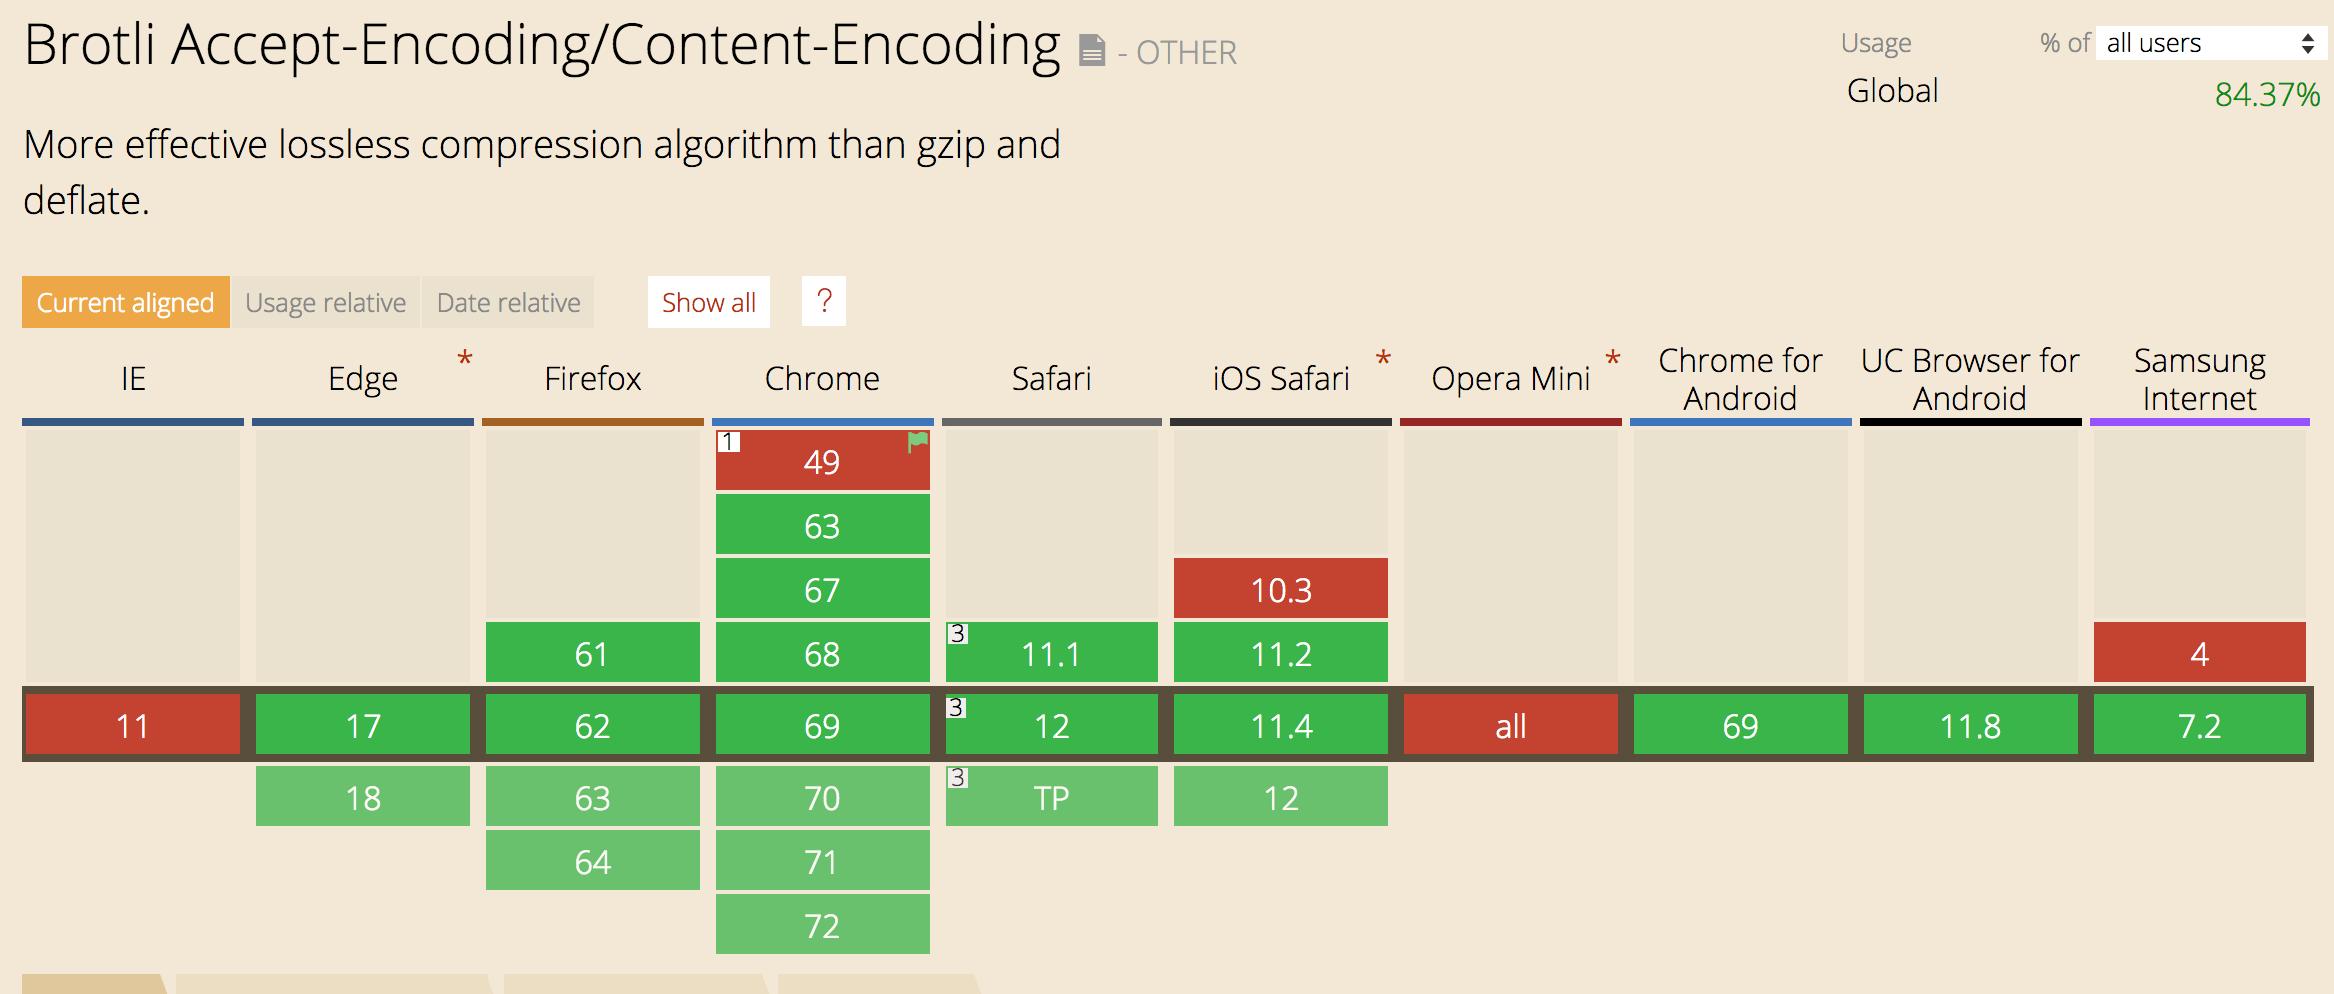 浏览器Brotli算法支持列表